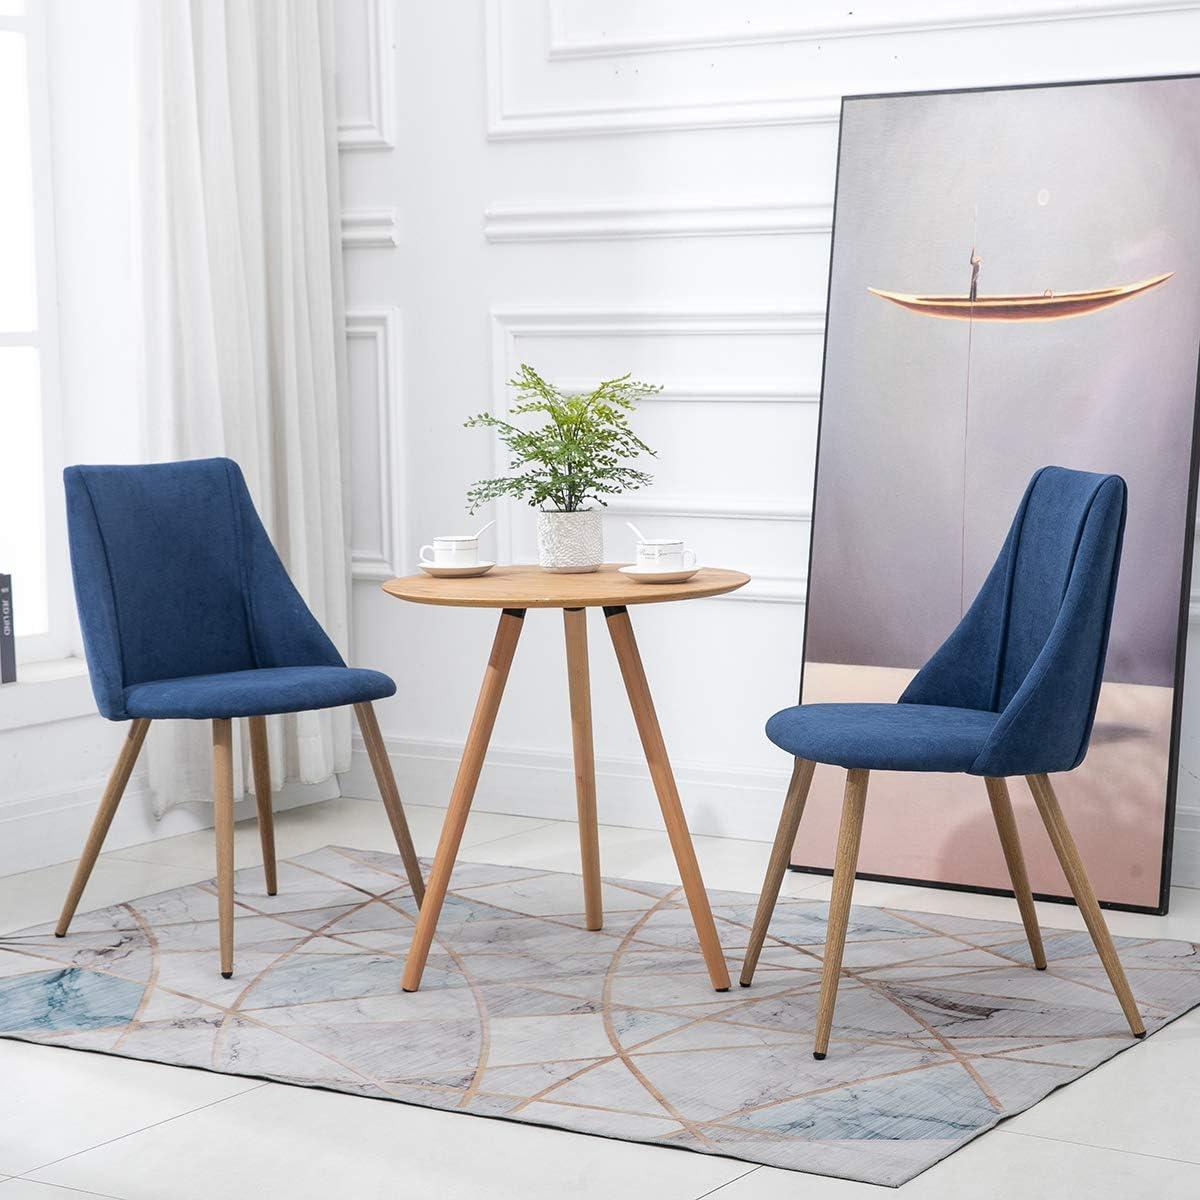 52,5x49,5x83,5 cm Bois MEUBLE COSY Lot de 2 Salle /à Manger en Tissu bleu Chaise de Salon Scandinave Bureau Pieds en M/étal avec Finition imitation Ch/êne Clair